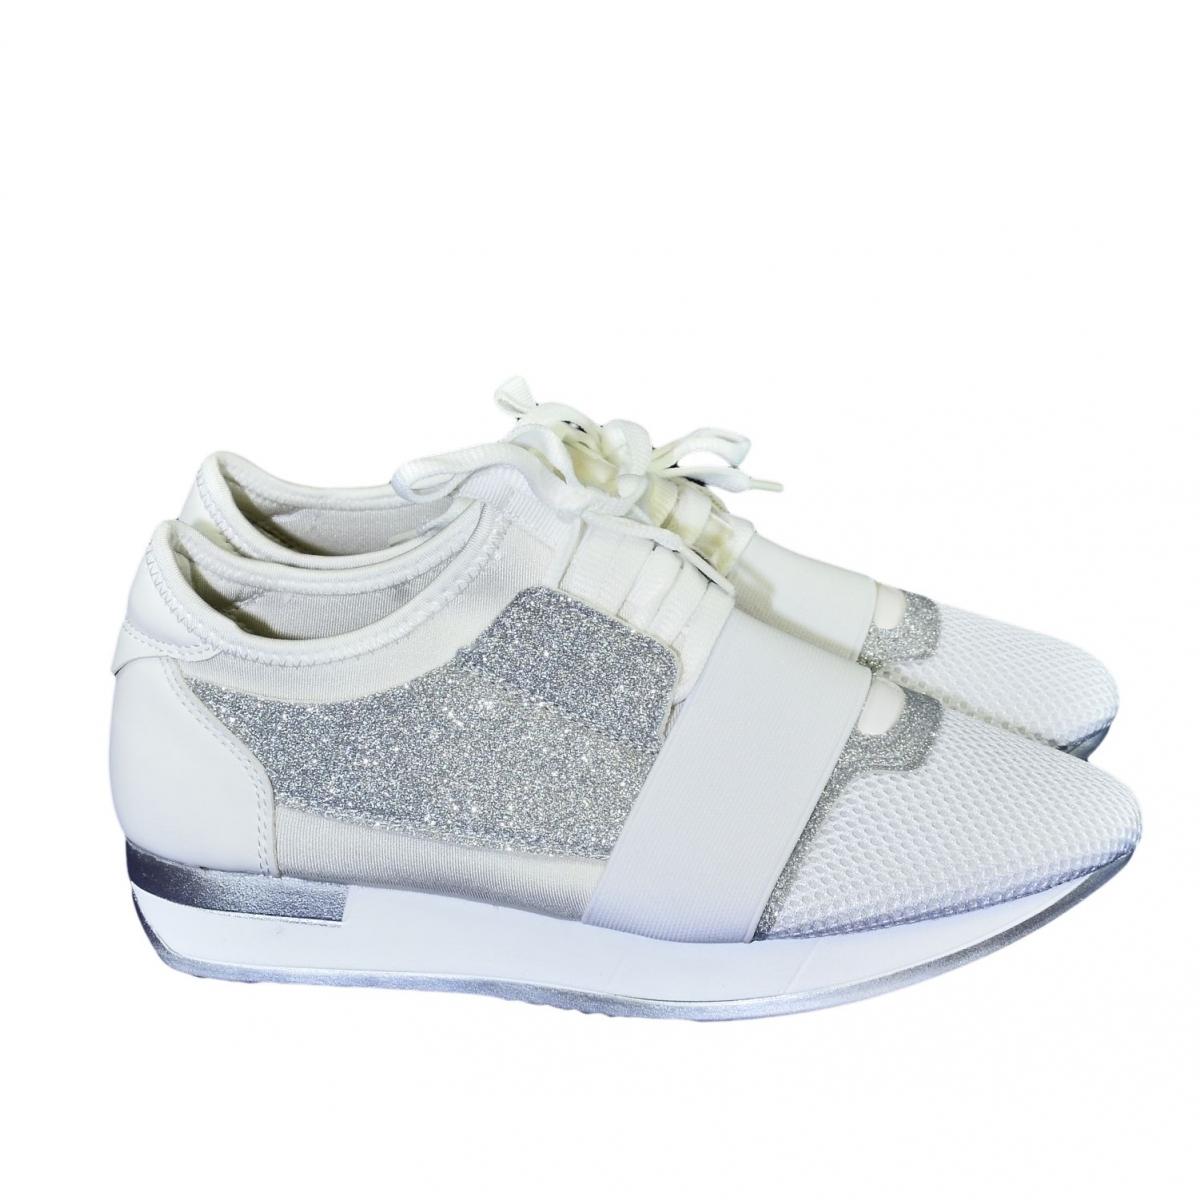 e9f0162f27bf Dámske bielo-strieborné botasky BRIEN - 2